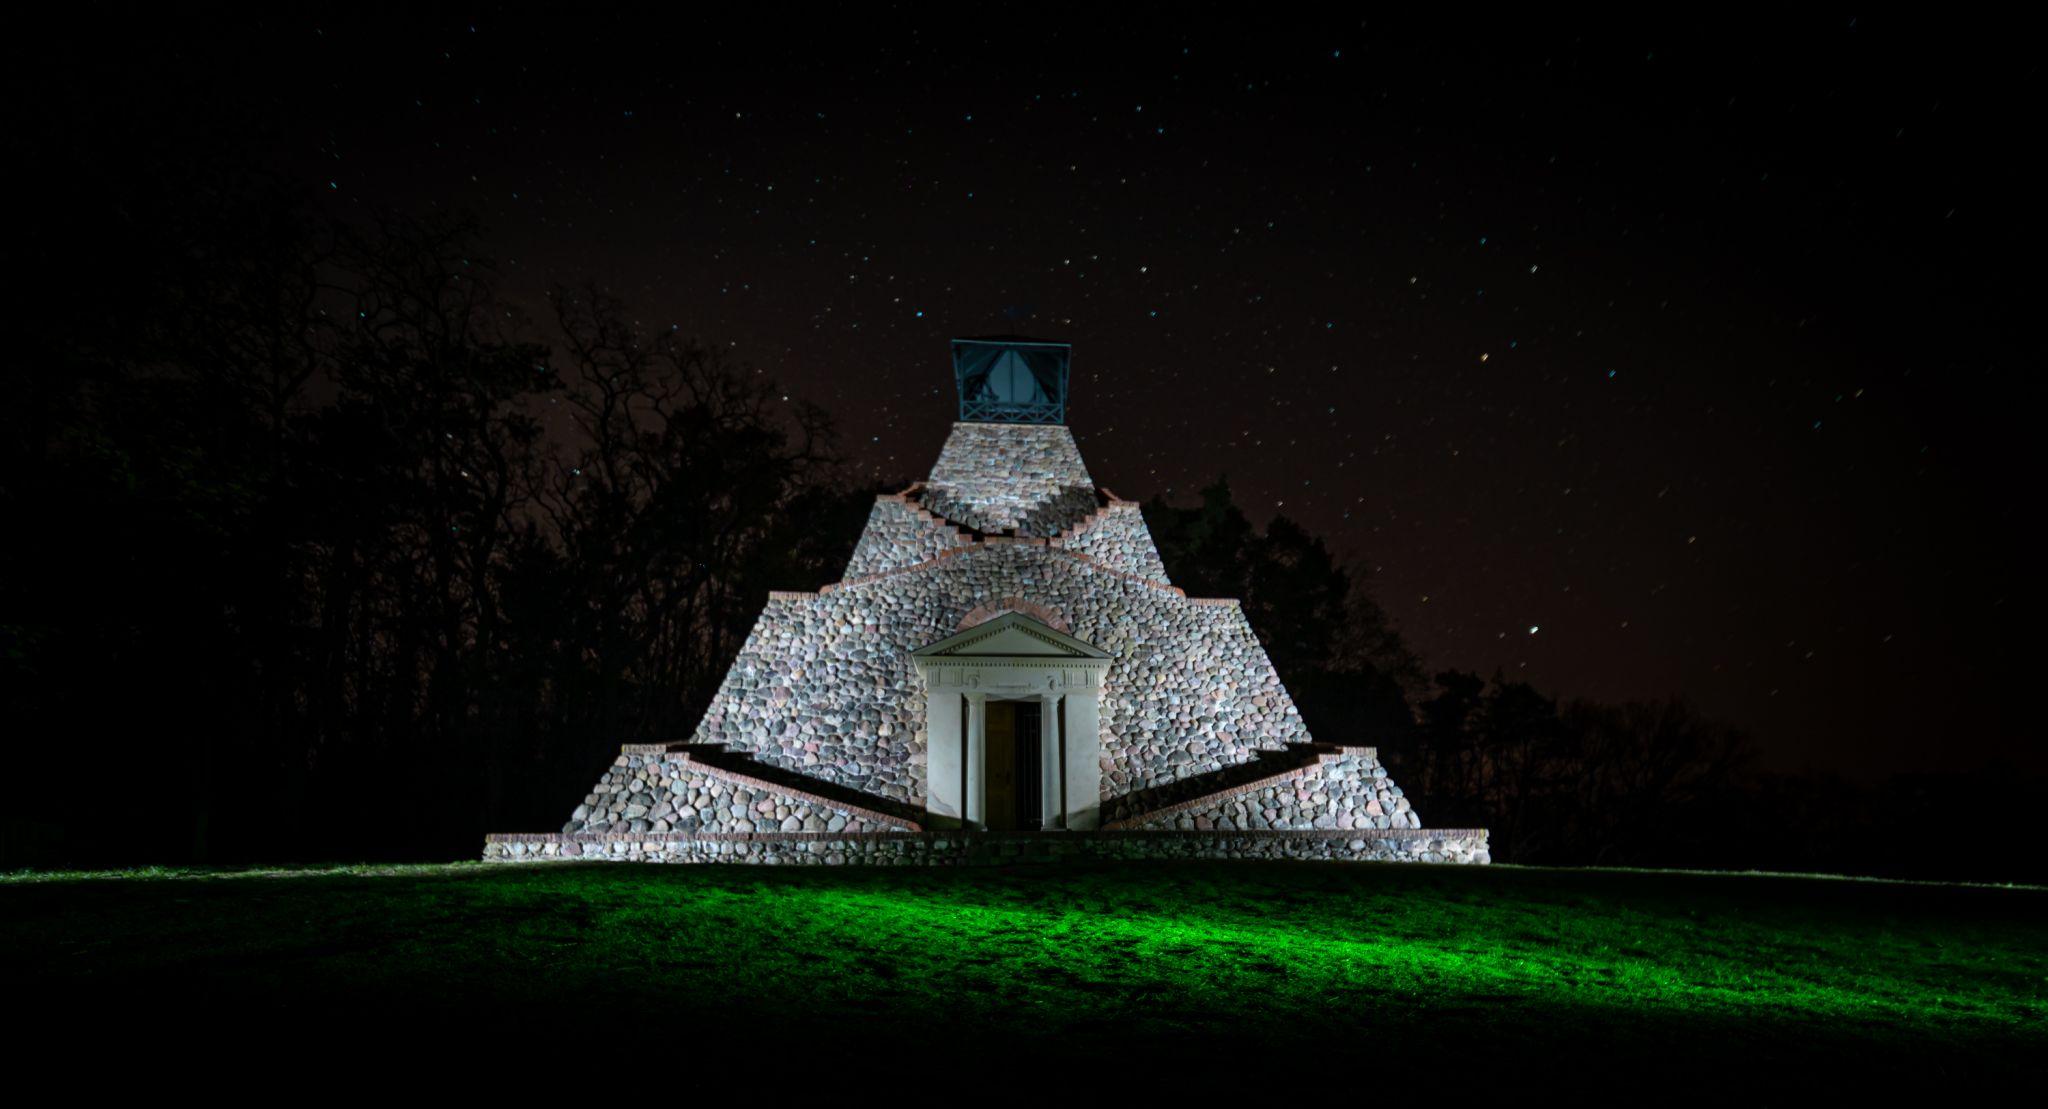 Pyramid Garzau, Germany